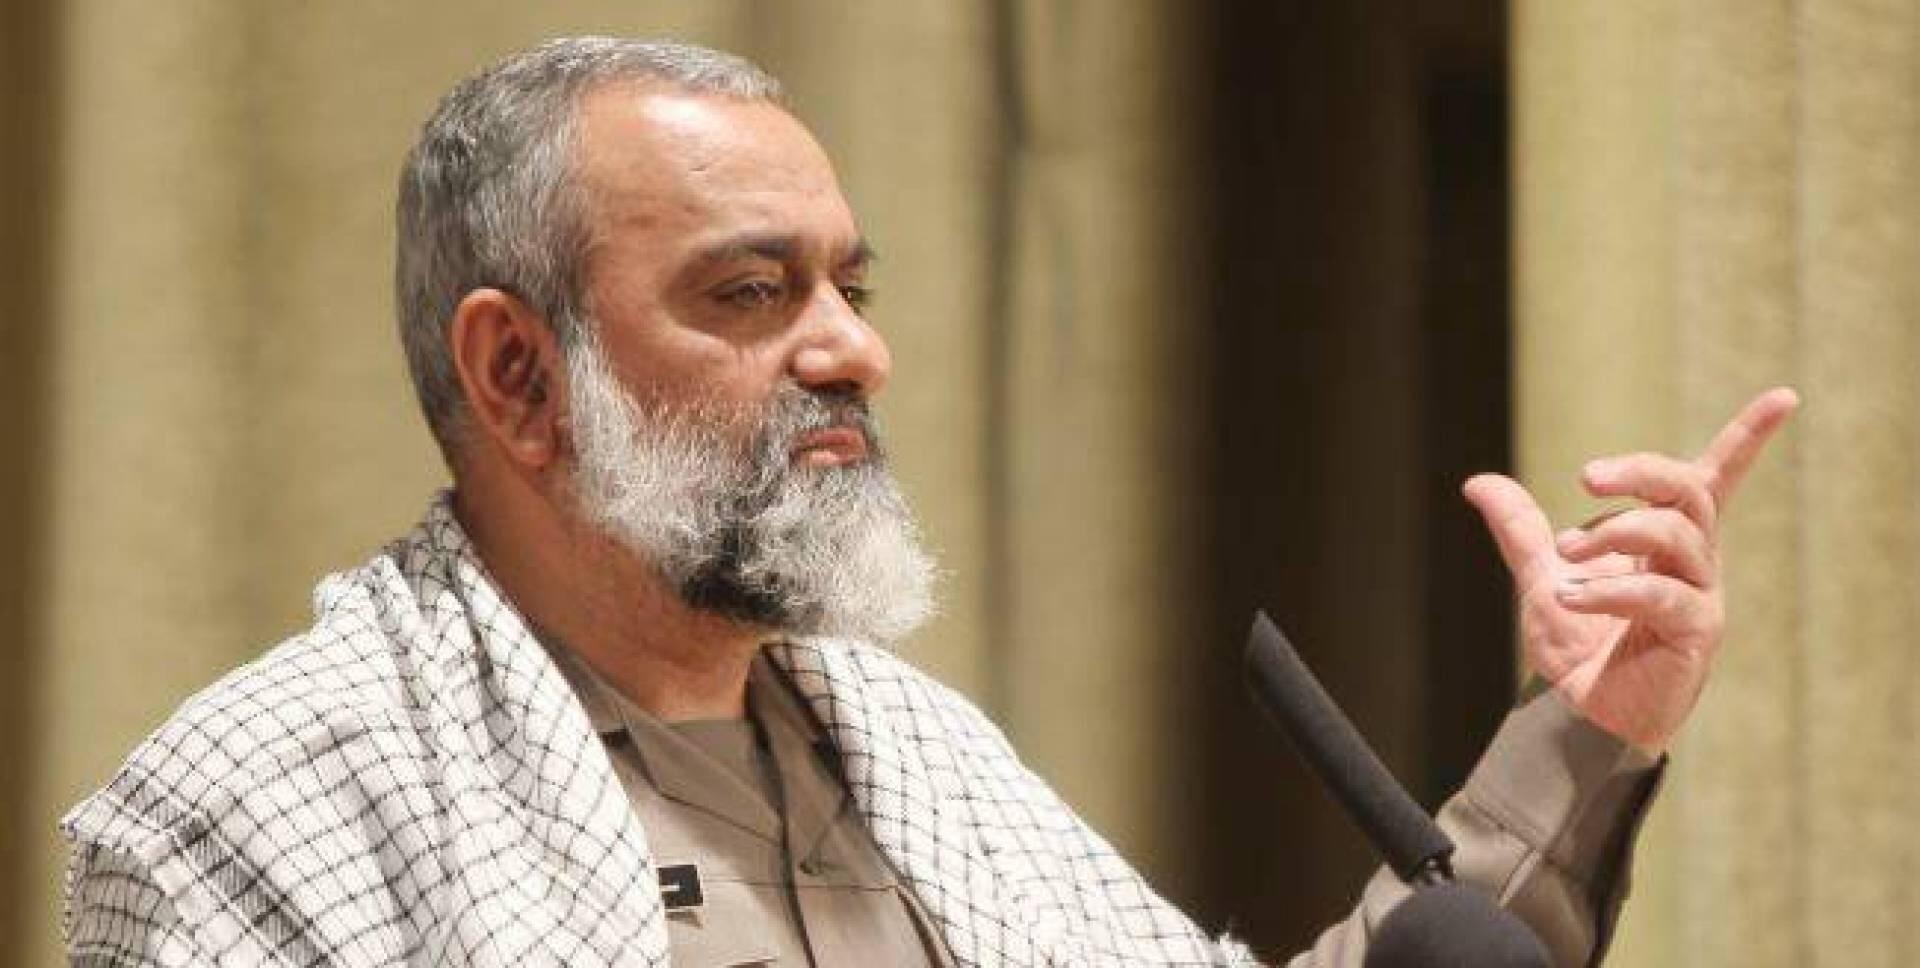 img 7283 - إيران ترفض الوساطة القطرية: قرار الرد لا رجعة فيه